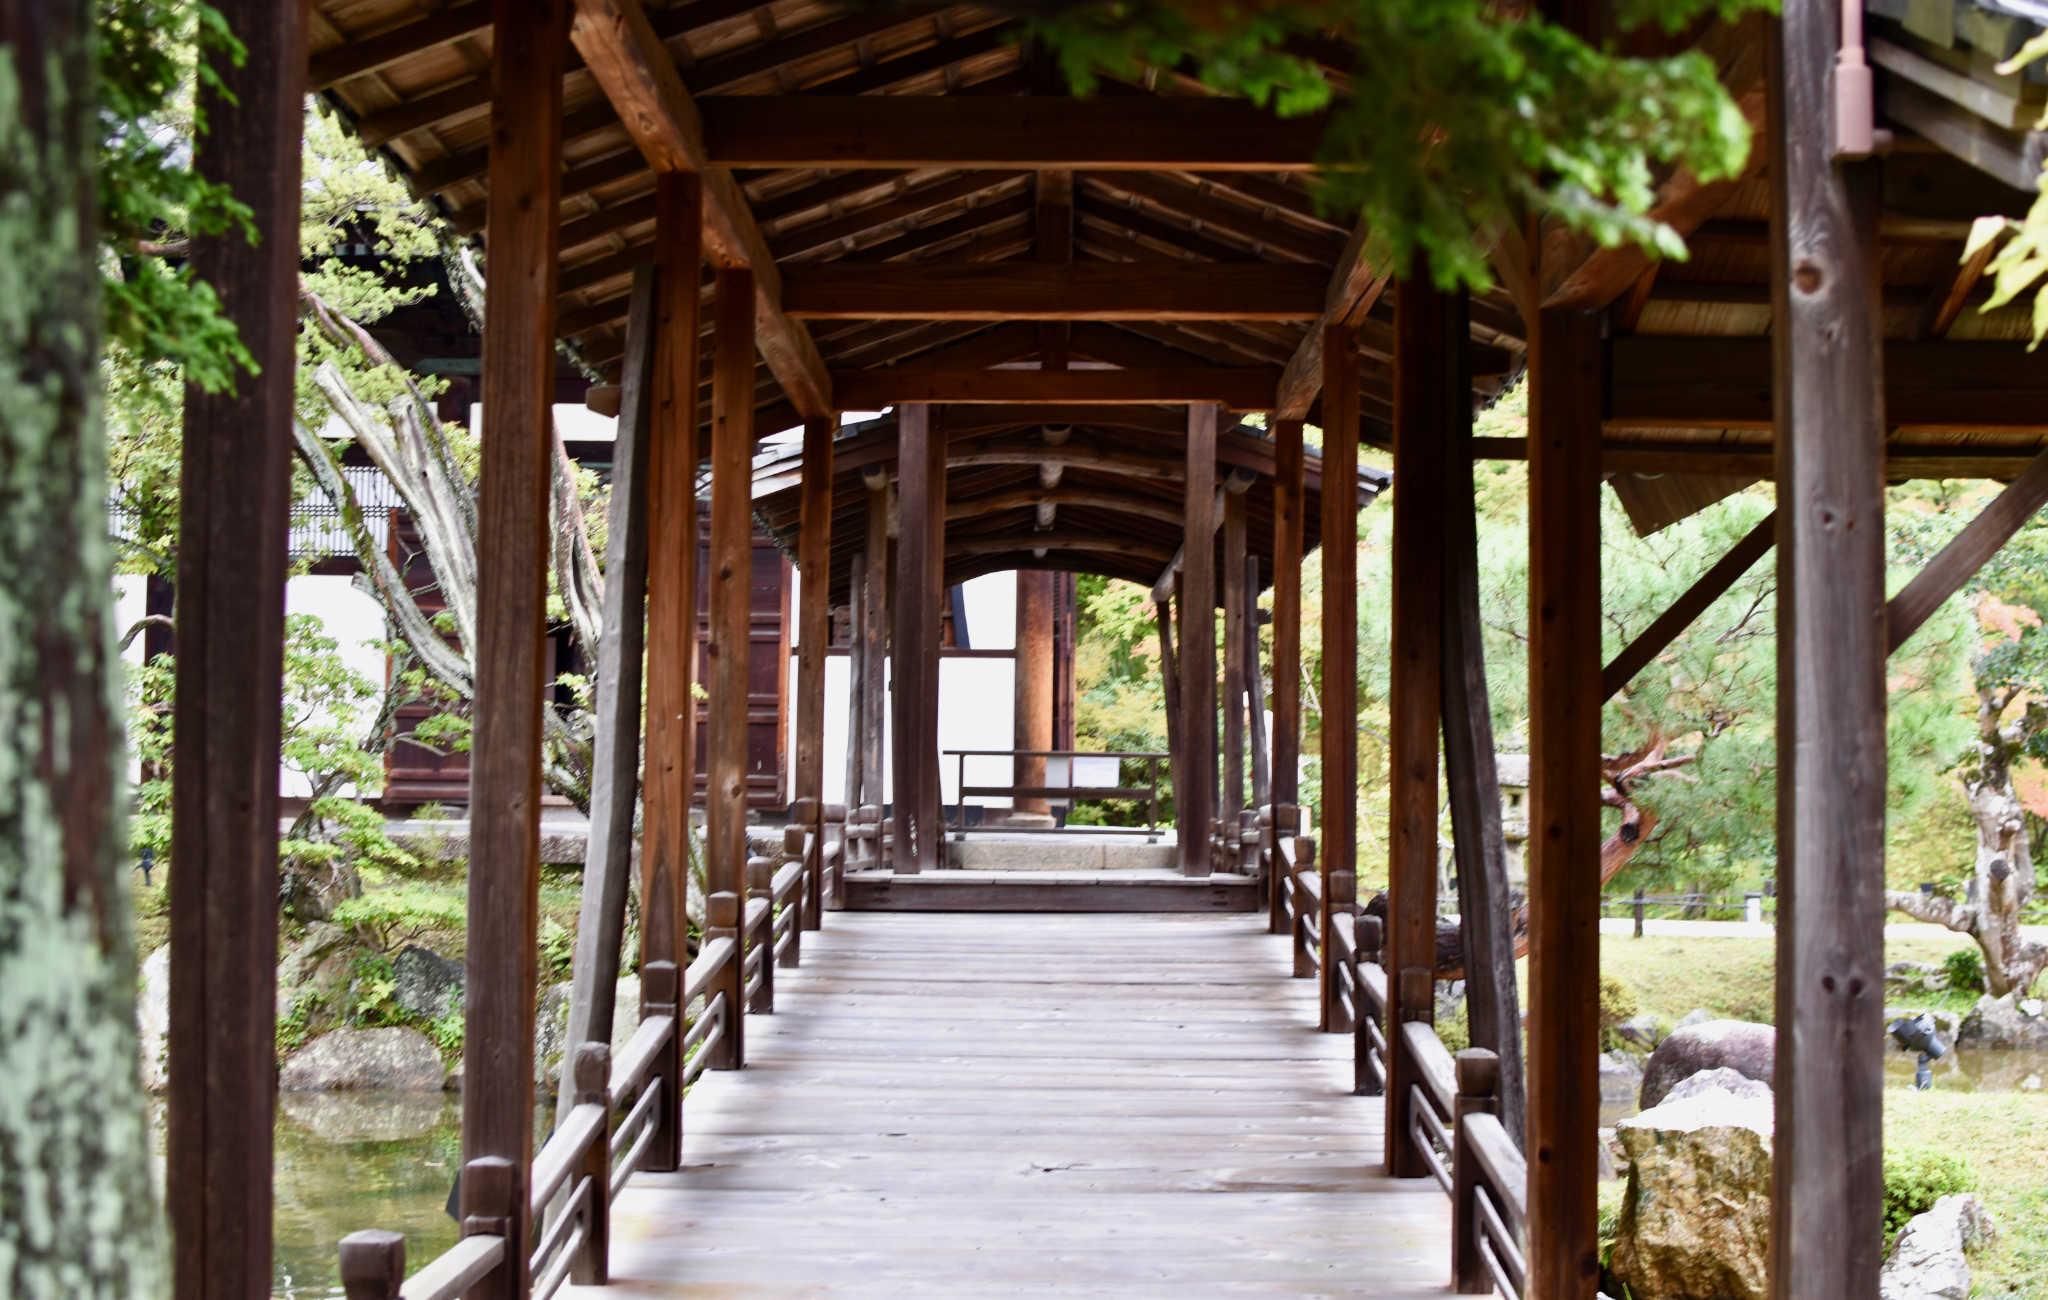 Vue de l'intérieur du pont avec une belle perspective